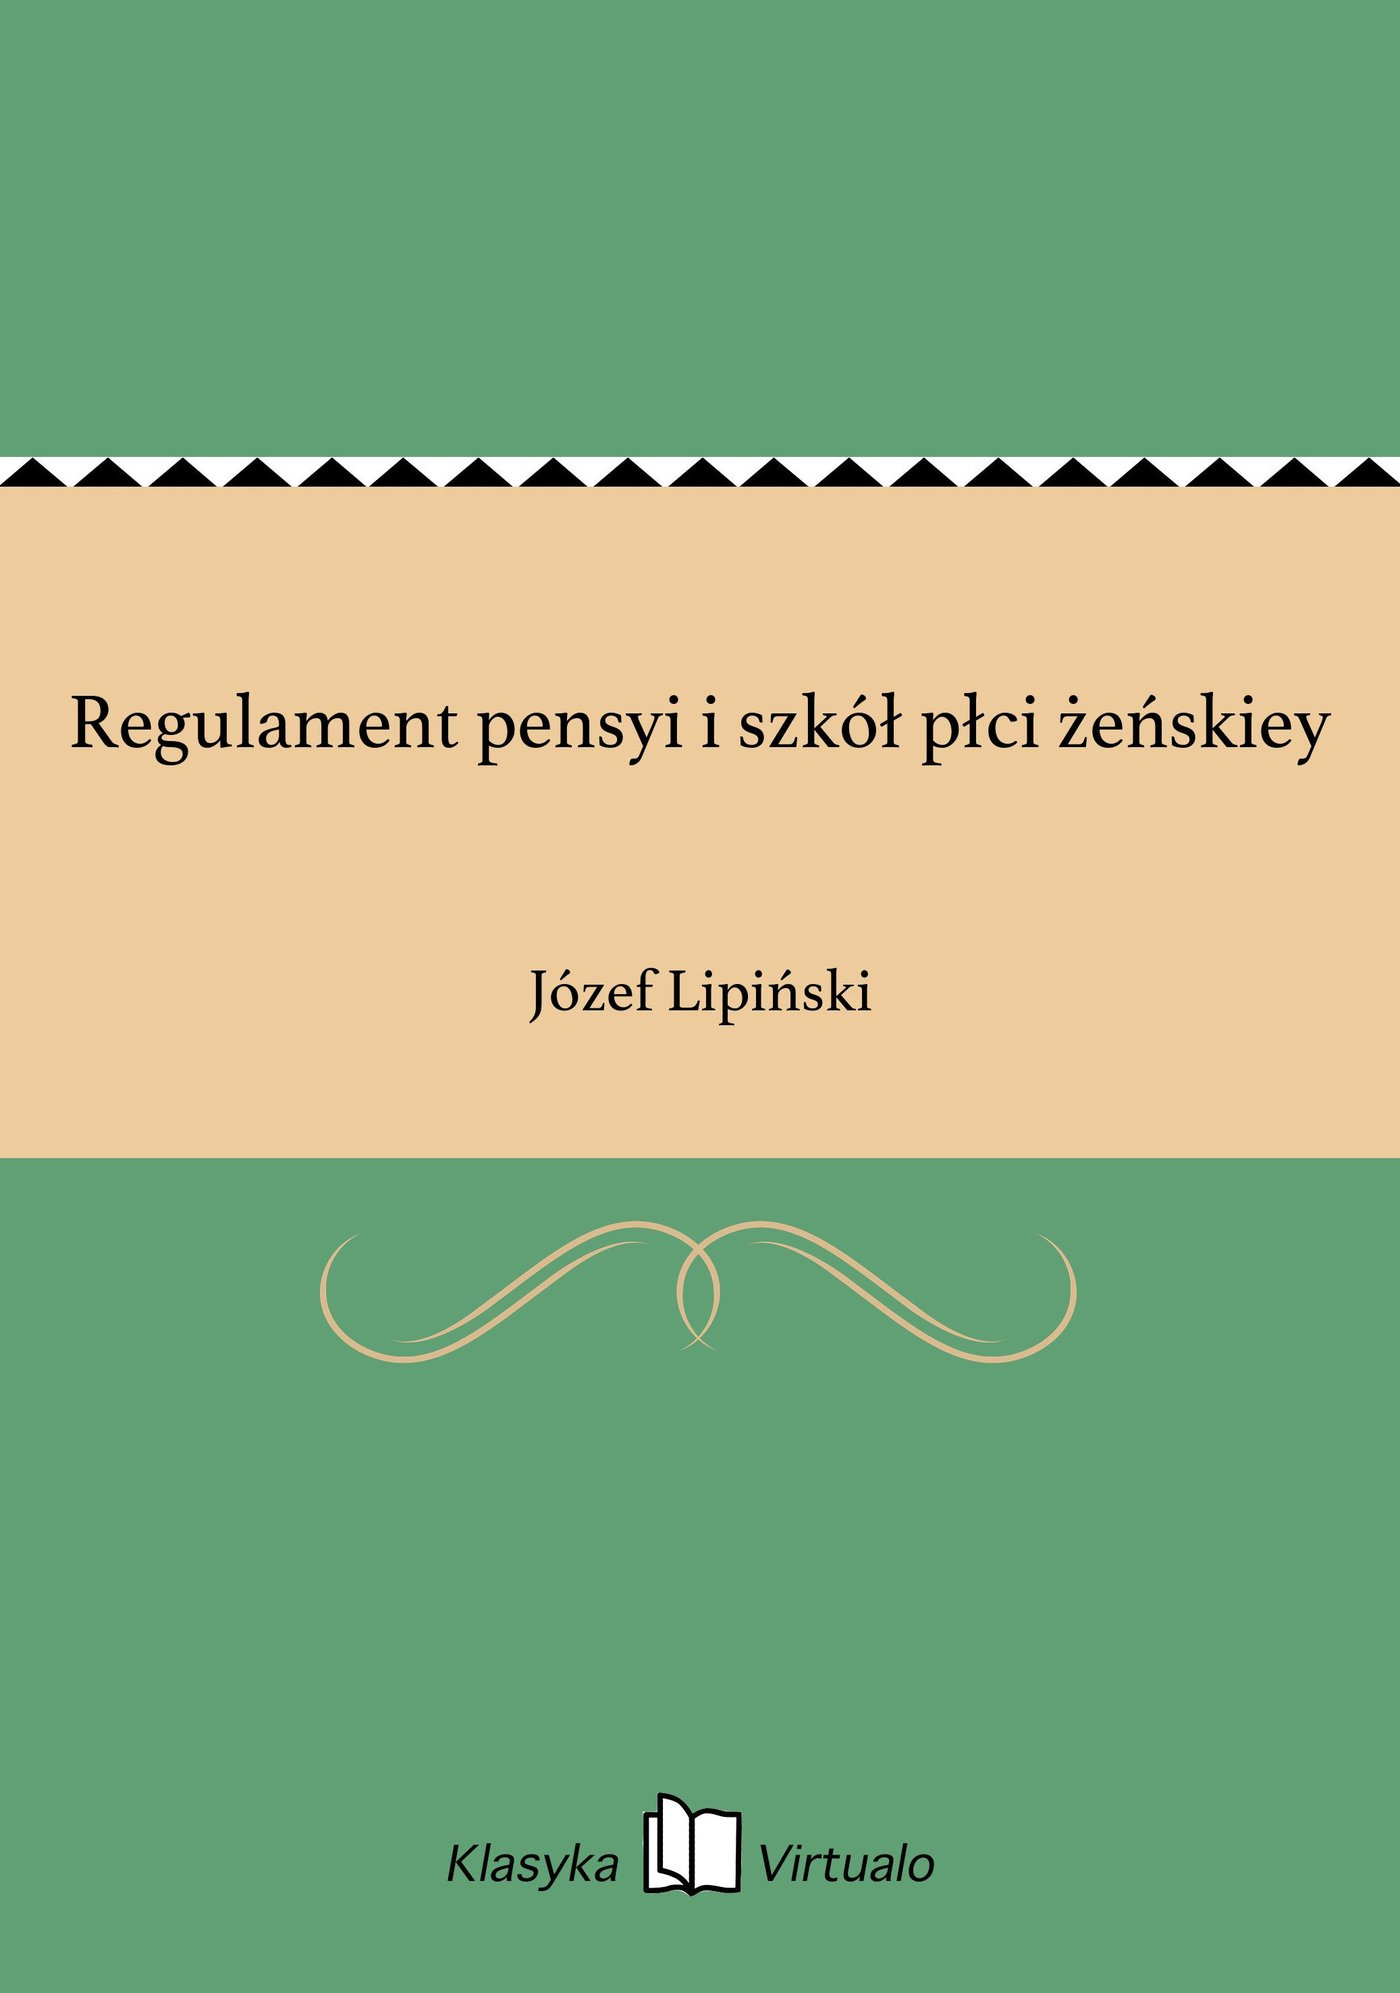 Regulament pensyi i szkół płci żeńskiey - Ebook (Książka EPUB) do pobrania w formacie EPUB